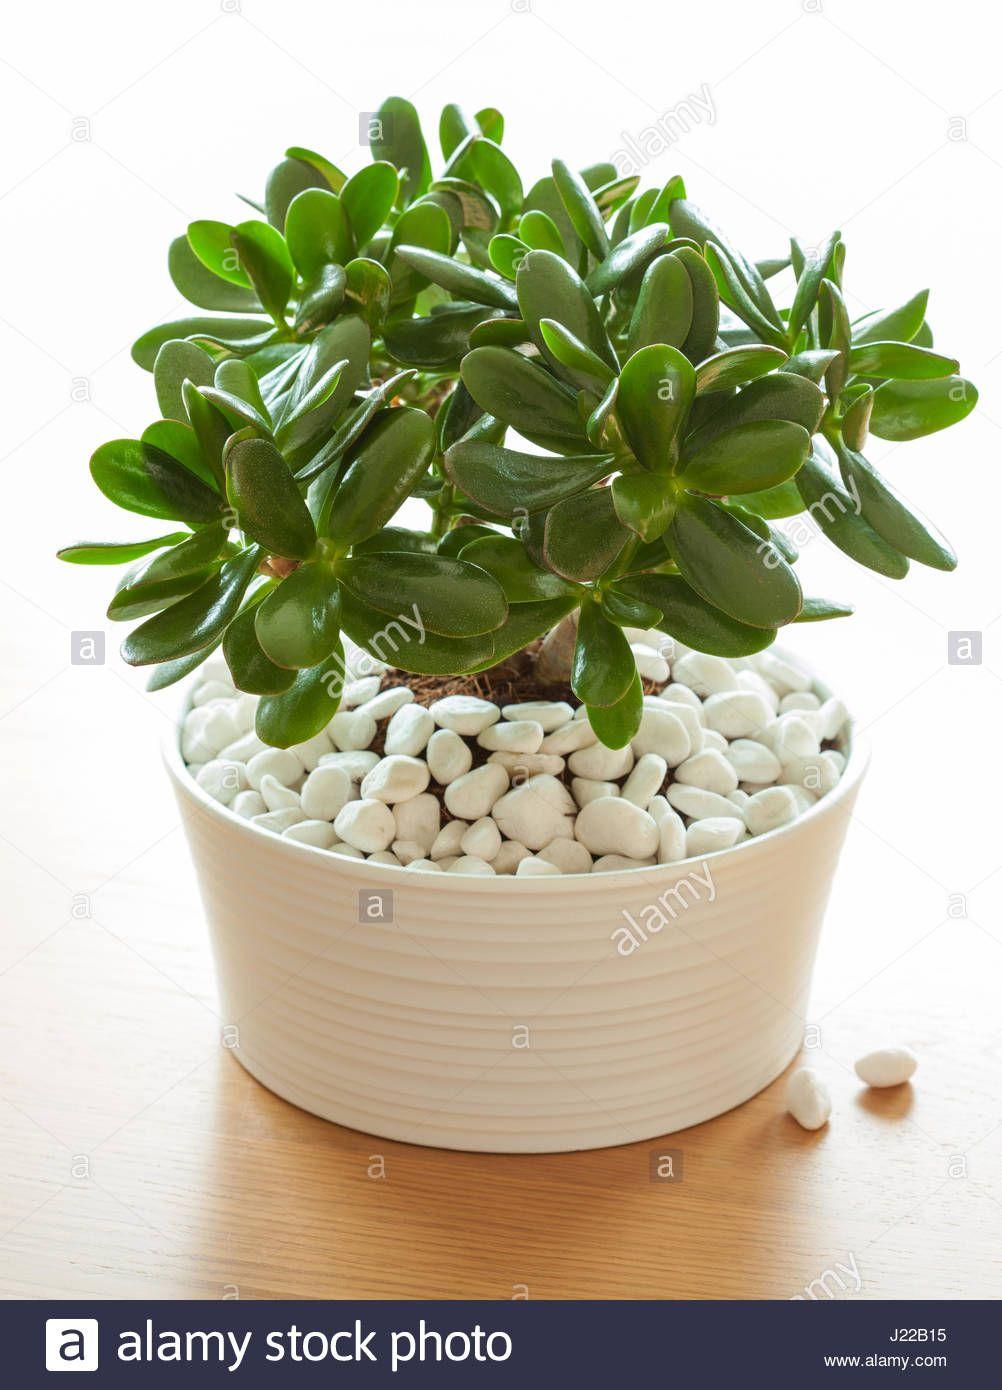 Image Result For White Rocks Jade Plant Jade Plants Best Indoor